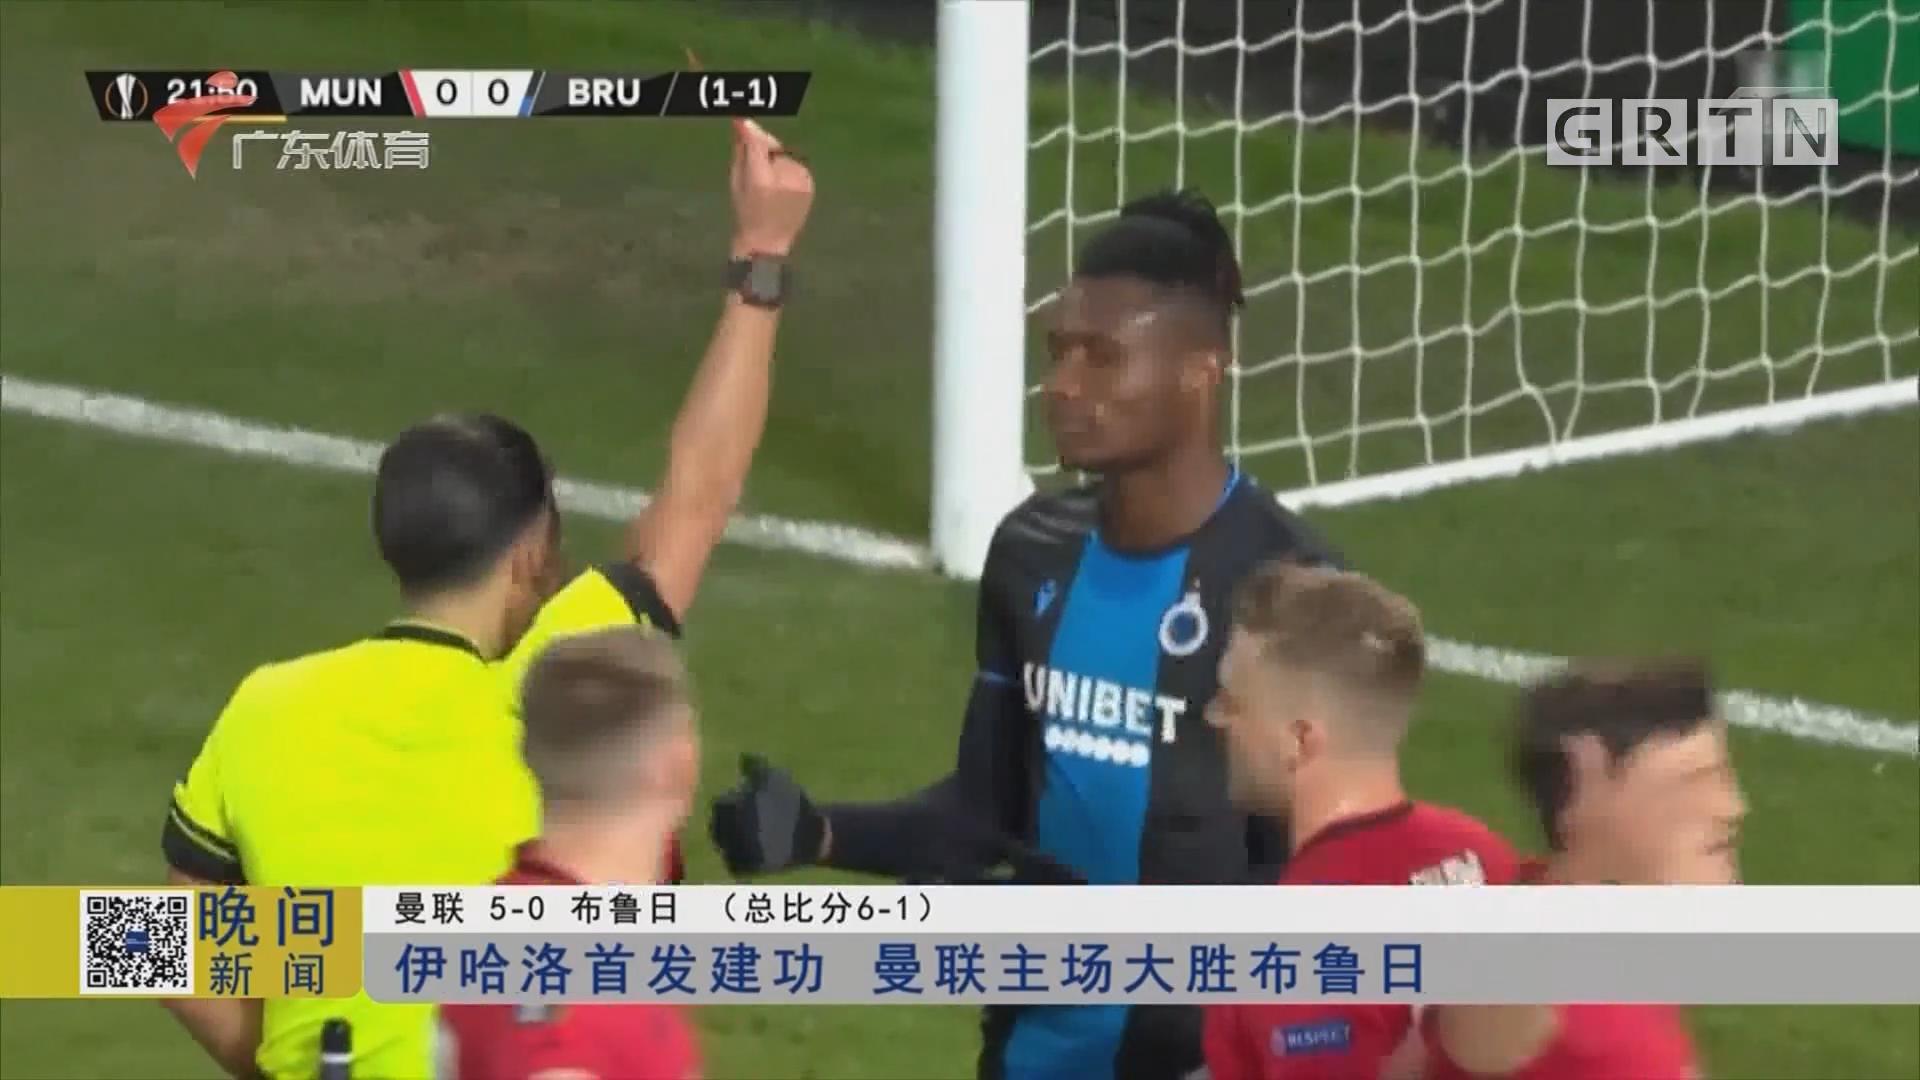 伊哈洛首发建功 曼联主场大胜布鲁日